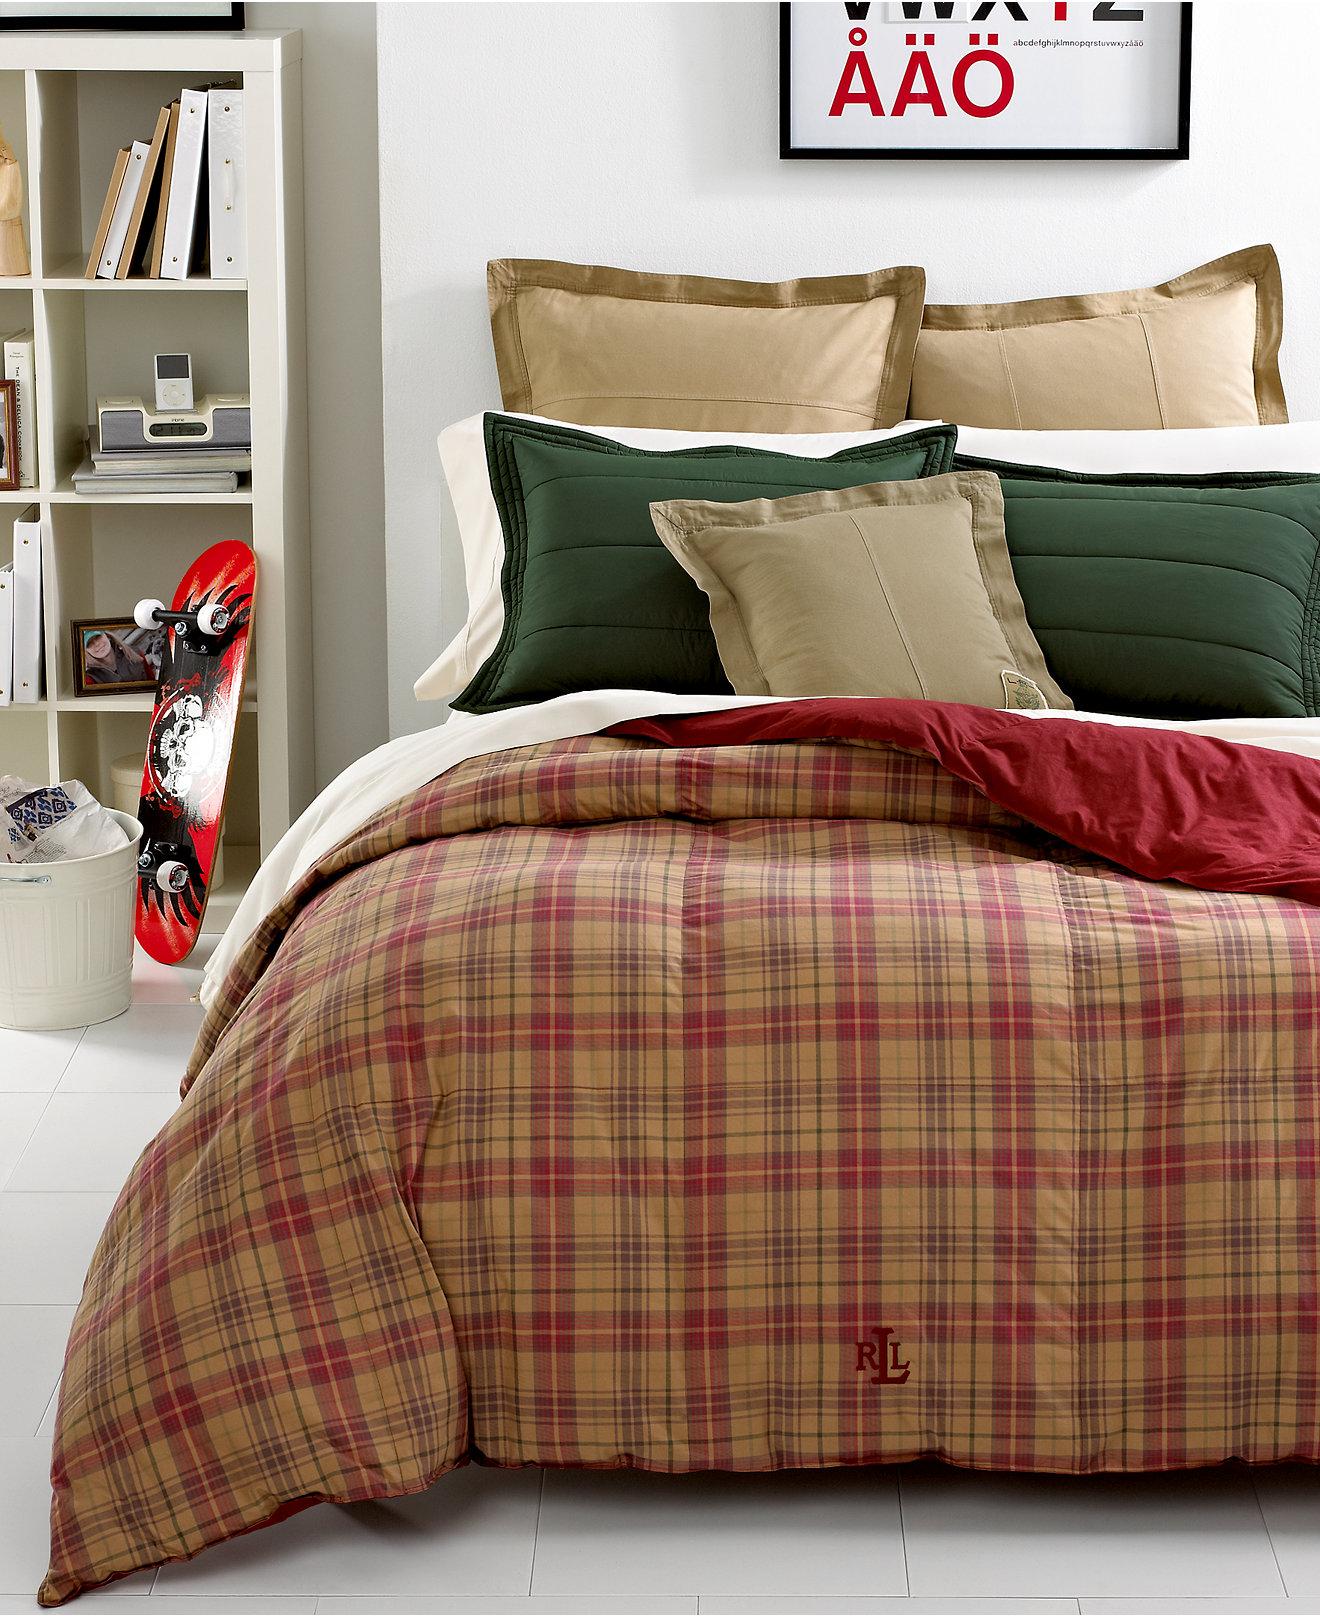 Red and brown plaid bedding - Lauren Ralph Lauren Kensington Lightweight Reversible Down Alternative Comforters Bedding Collections Bed Bath Macy S